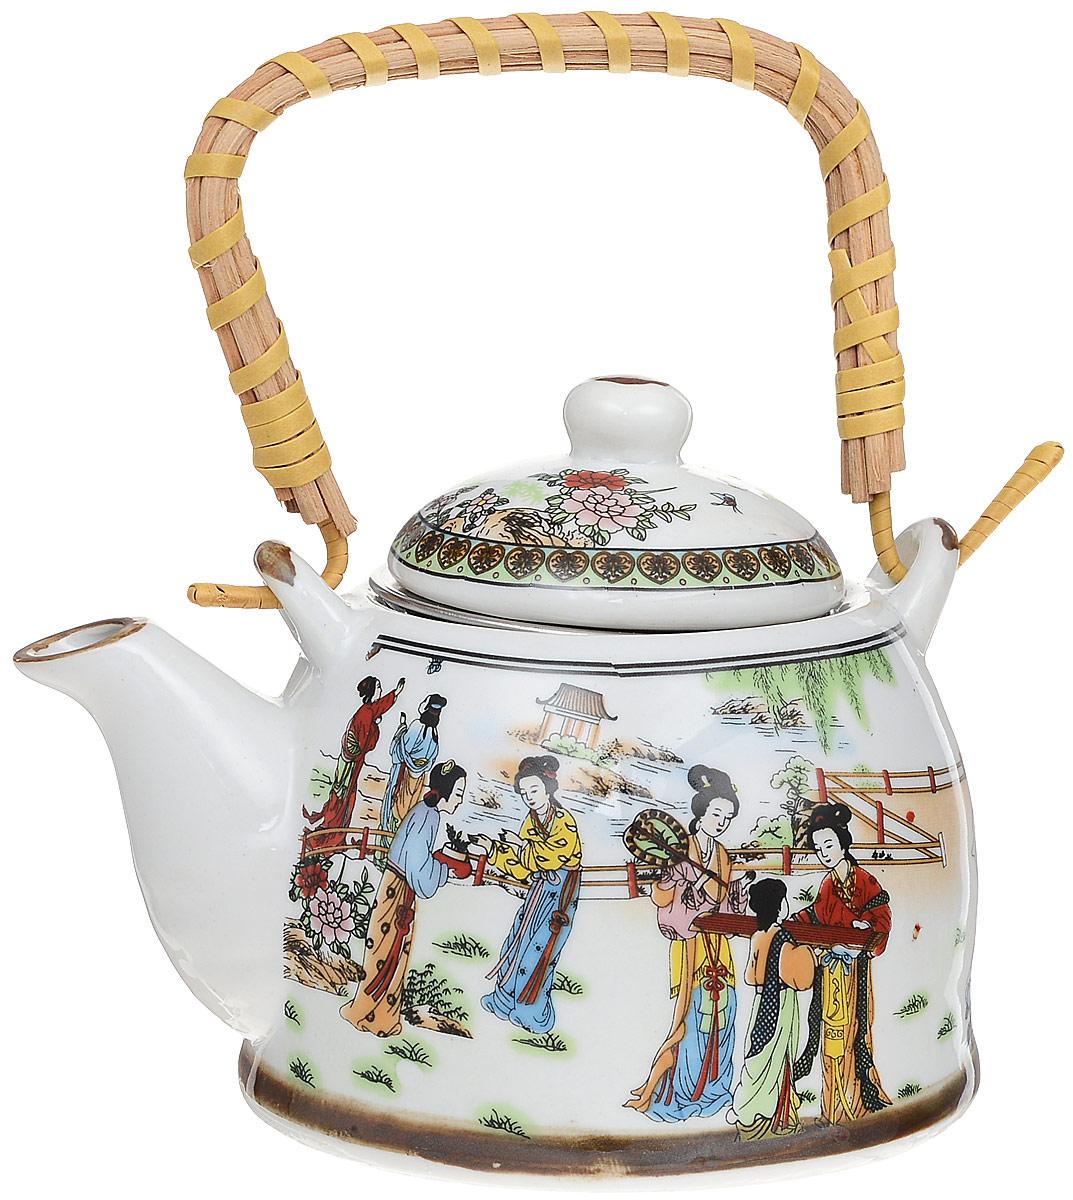 Чайник заварочный Patricia Девушки, с фильтром, 400 млIM99-2502_девушкиЗаварочный чайник Patricia Девушки изготовлен из высококачественной керамики с гладким глазурованным покрытием. Изделие снабжено металлическим фильтром и съемной ручкой.Любой чай в таком изысканном чайнике станет для вас наслаждением, поводом отдохнуть и перевести дыхание. Он прекрасно украсит сервировку стола к чаепитию, а также станет хорошим подарком друзьям и близким. Диаметр (по верхнему краю): 7,5 см. Диаметр (по внутреннему краю): 5,5 см. Высота чайника (без учета крышки): 7,5 см. Высота фильтра: 4 см.